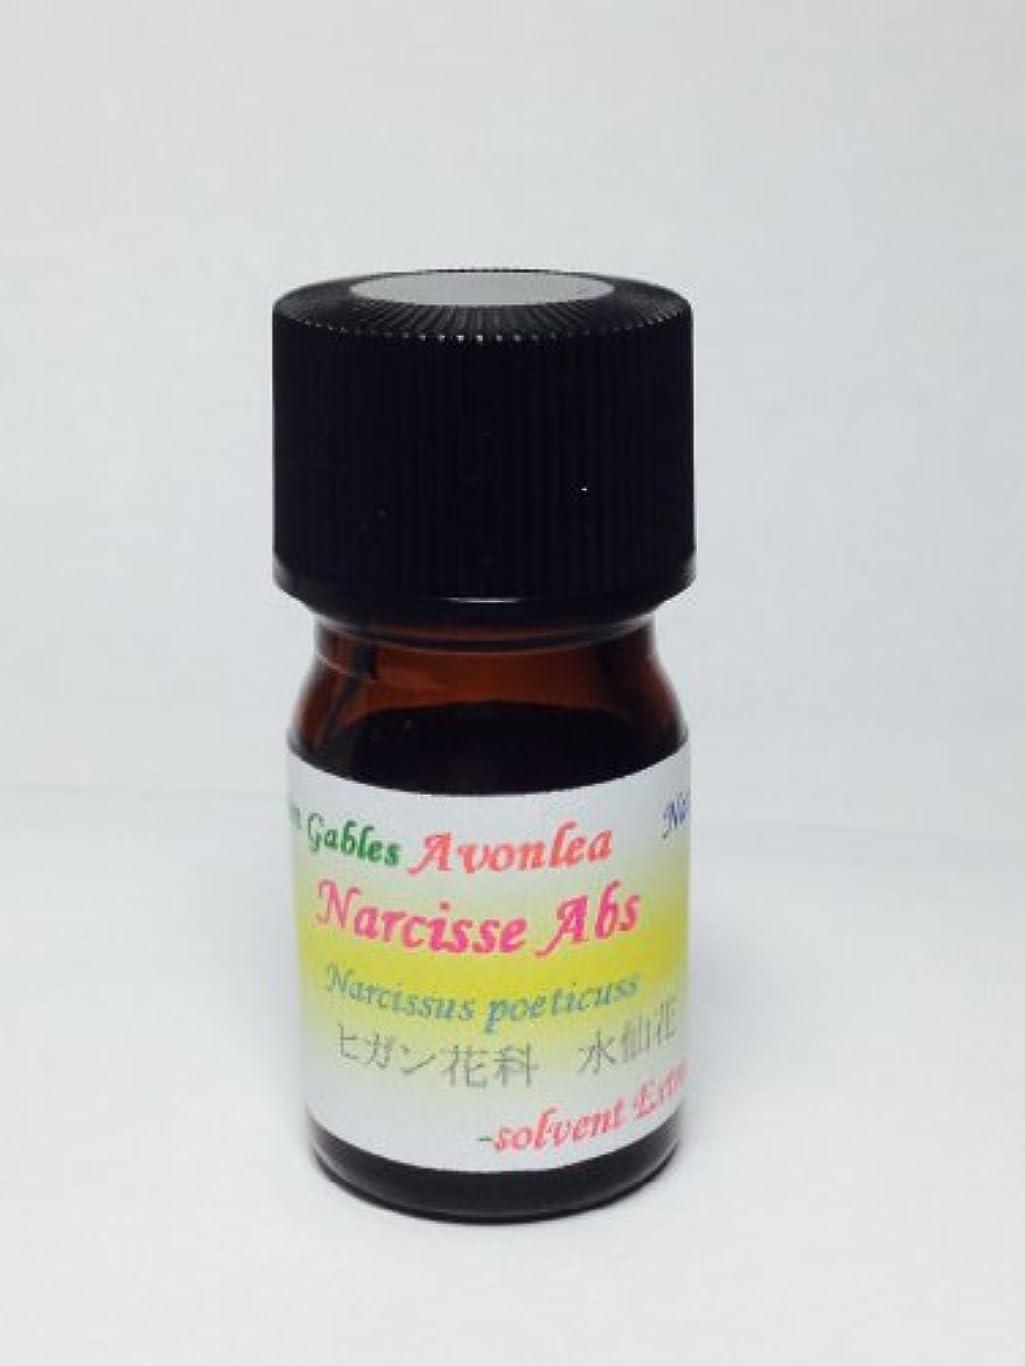 アナログ適度な指定するナルシサス Abs 水仙 100% ピュア エッセンシャルオイル 超高級精油 5ml